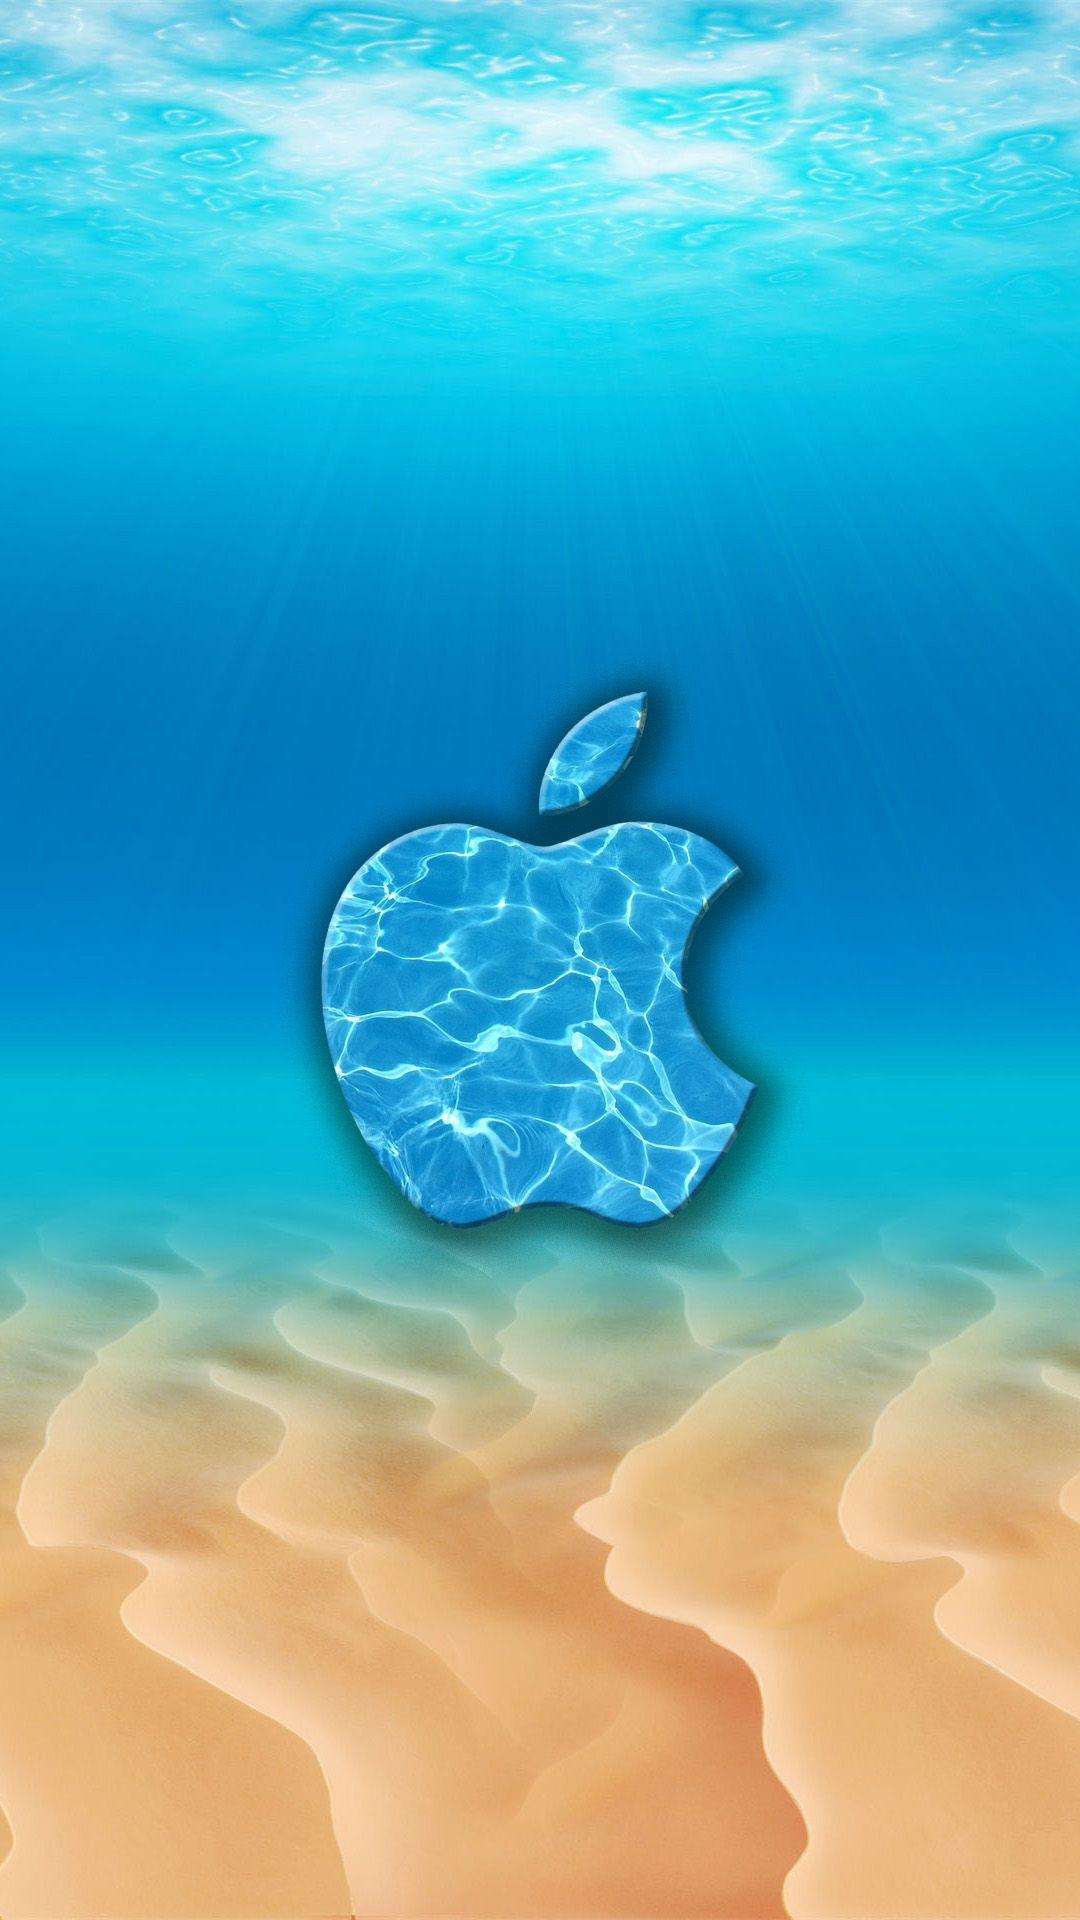 UnderwaterloveiPhone7Pluswallpaper.jpg 1.080×1.920